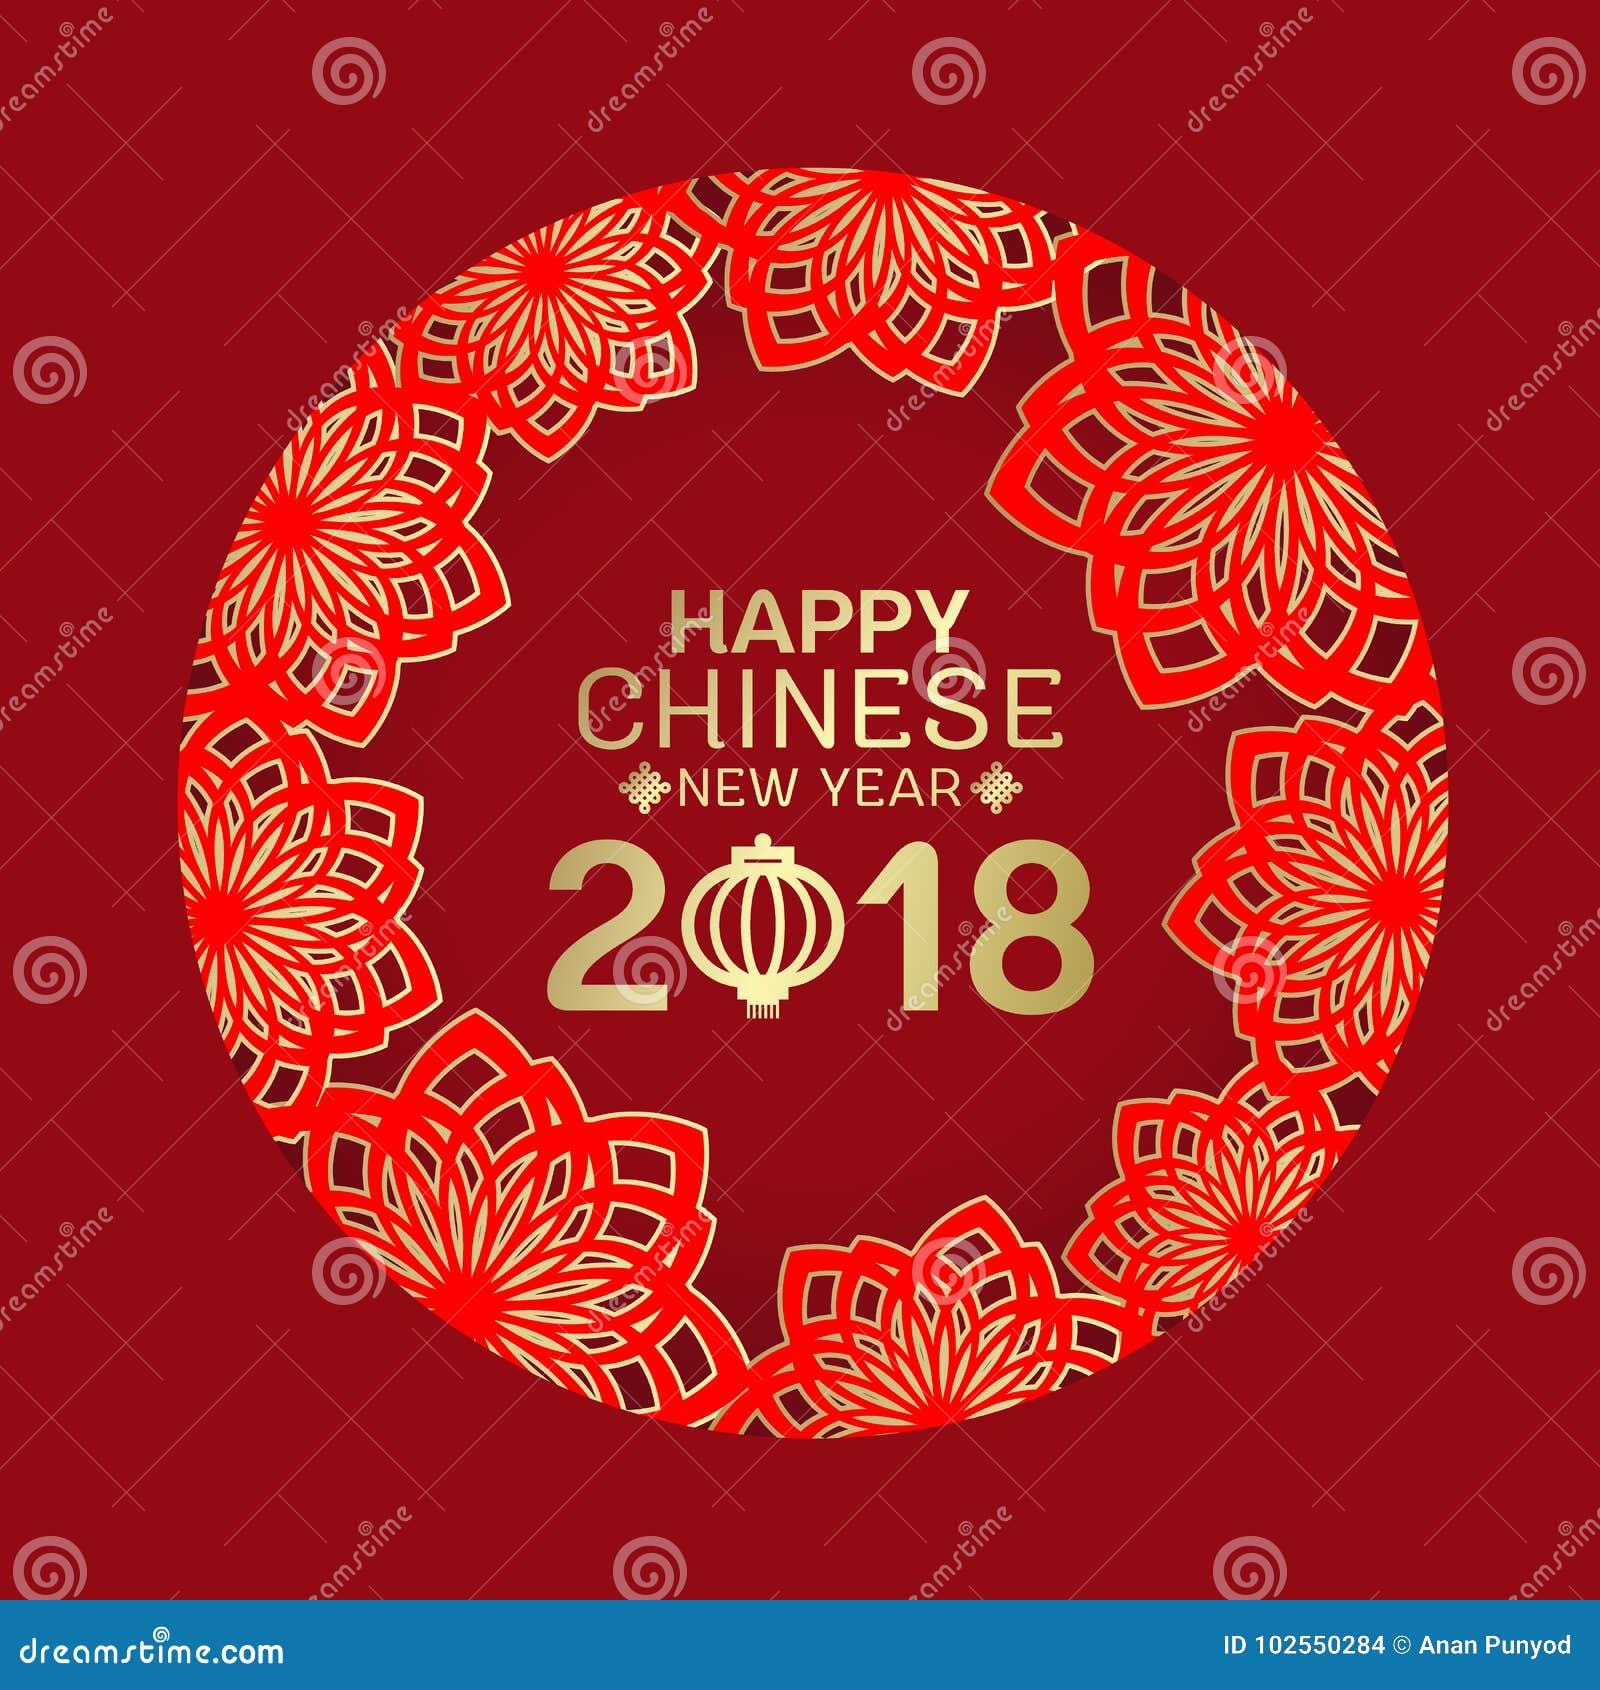 Ευτυχές κινεζικό νέο έτος 2018 και κείμενο φαναριών στο αφηρημένο κόκκινο και χρυσό πλαίσιο κύκλων λουλουδιών λωτού στο κόκκινο δ